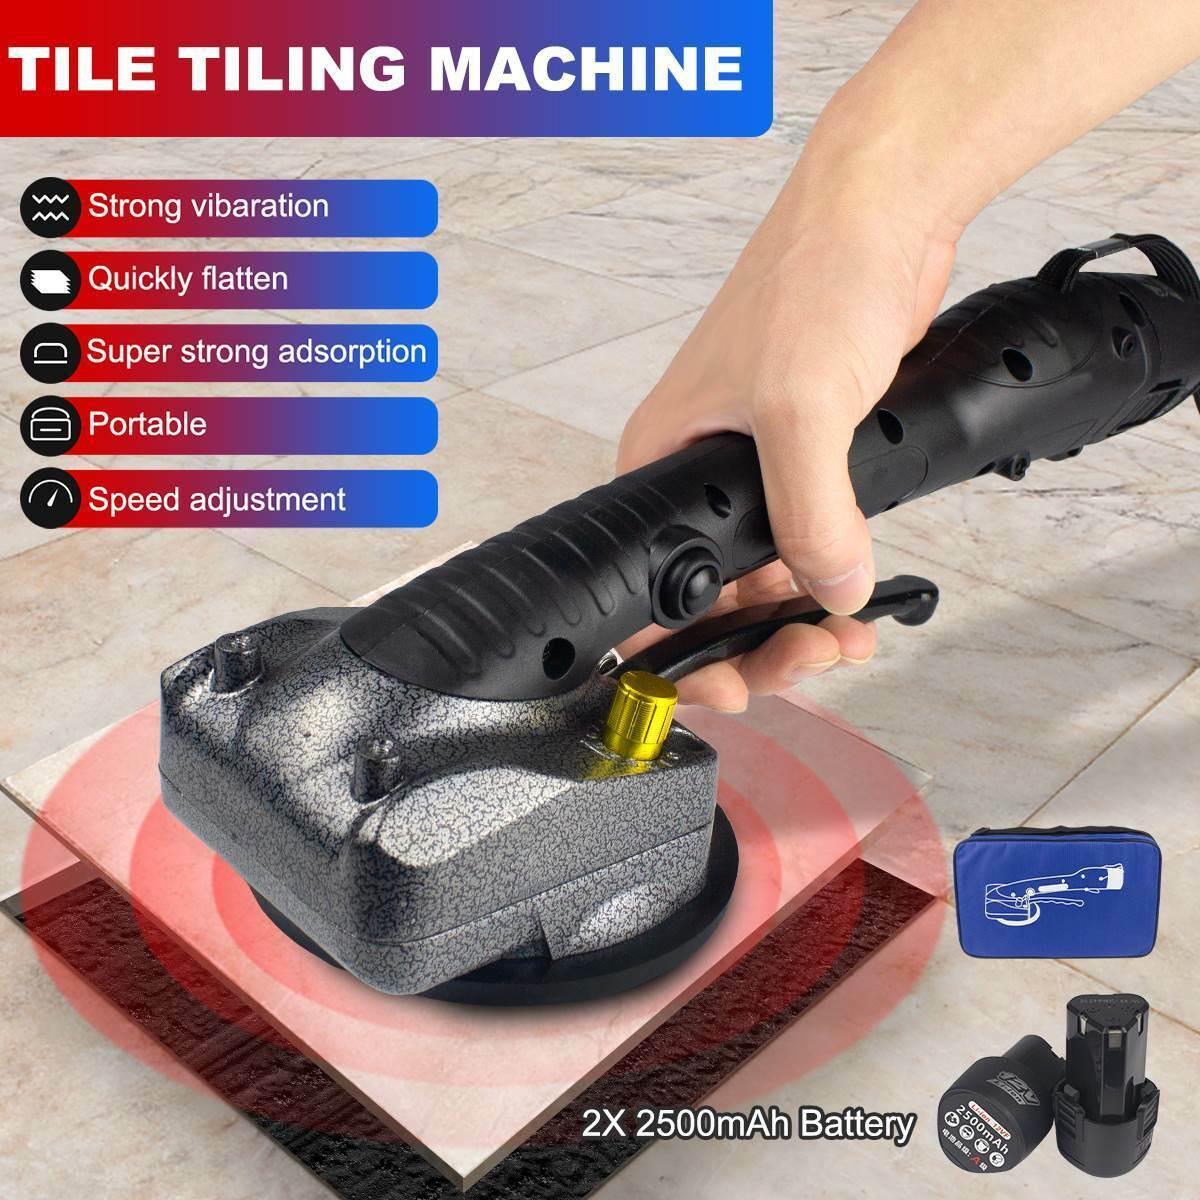 Handheld Tile Adjustable Leveling Machine Tile Vibrator Tiler Machine Tool 16.8V